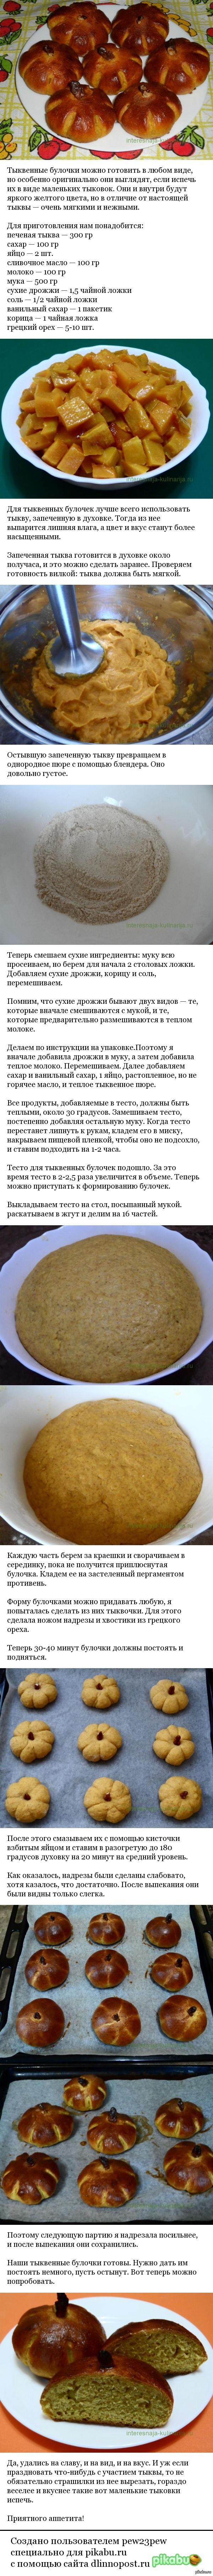 Рецепт тыквенных булочек для украшения стола на Хэллоуин Все довольно просто и оригинально, рецепт с сайта http://interesnaja-kulinarija.ru/